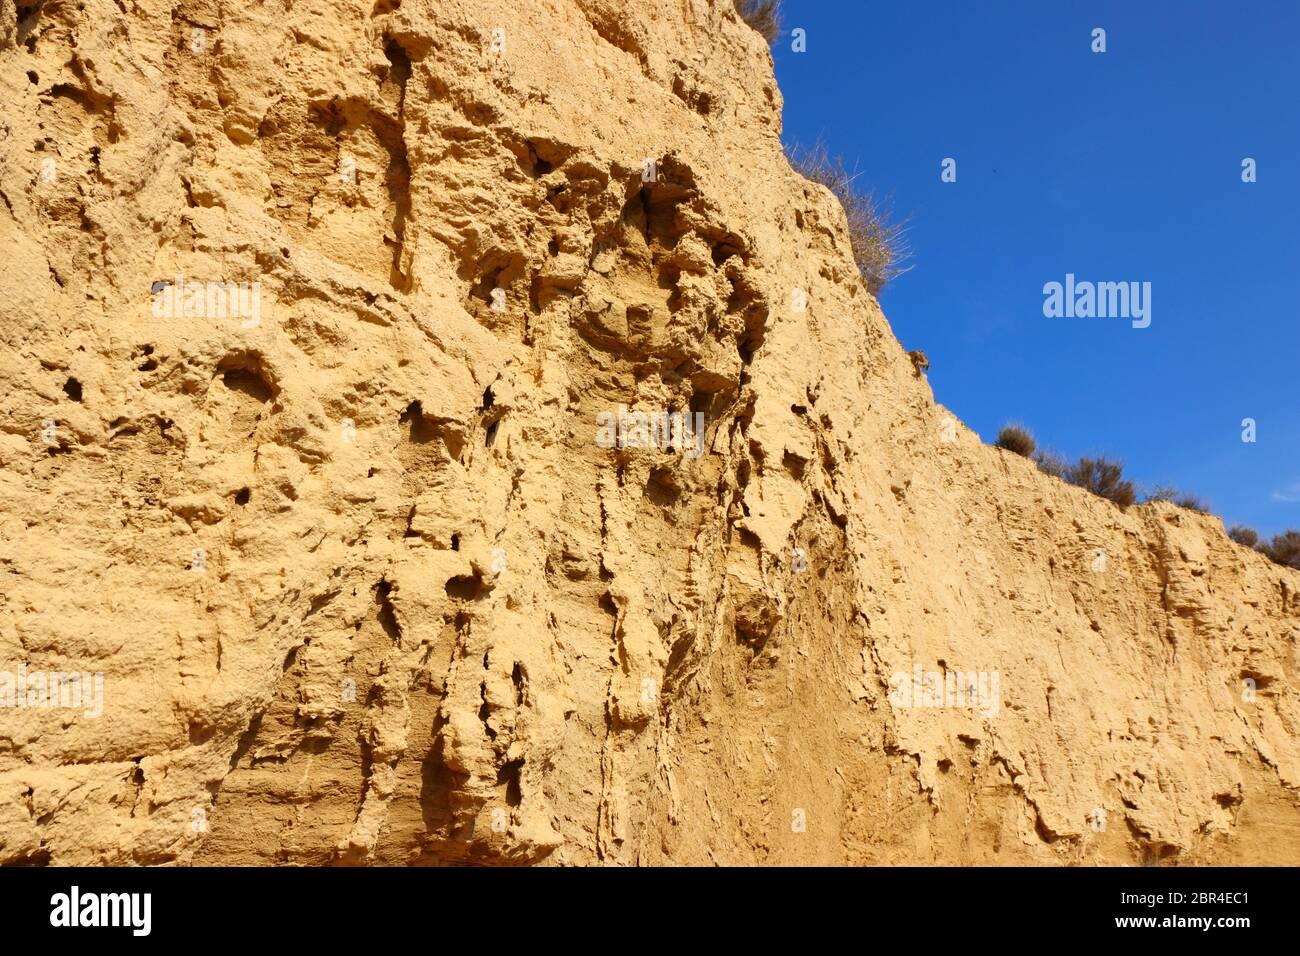 Primer plano de sedimentos y elementos erosionales en la región natural semidesértica Bardenas reales, Reserva de la Biosfera de la UNESCO, Navarra, España Foto de stock